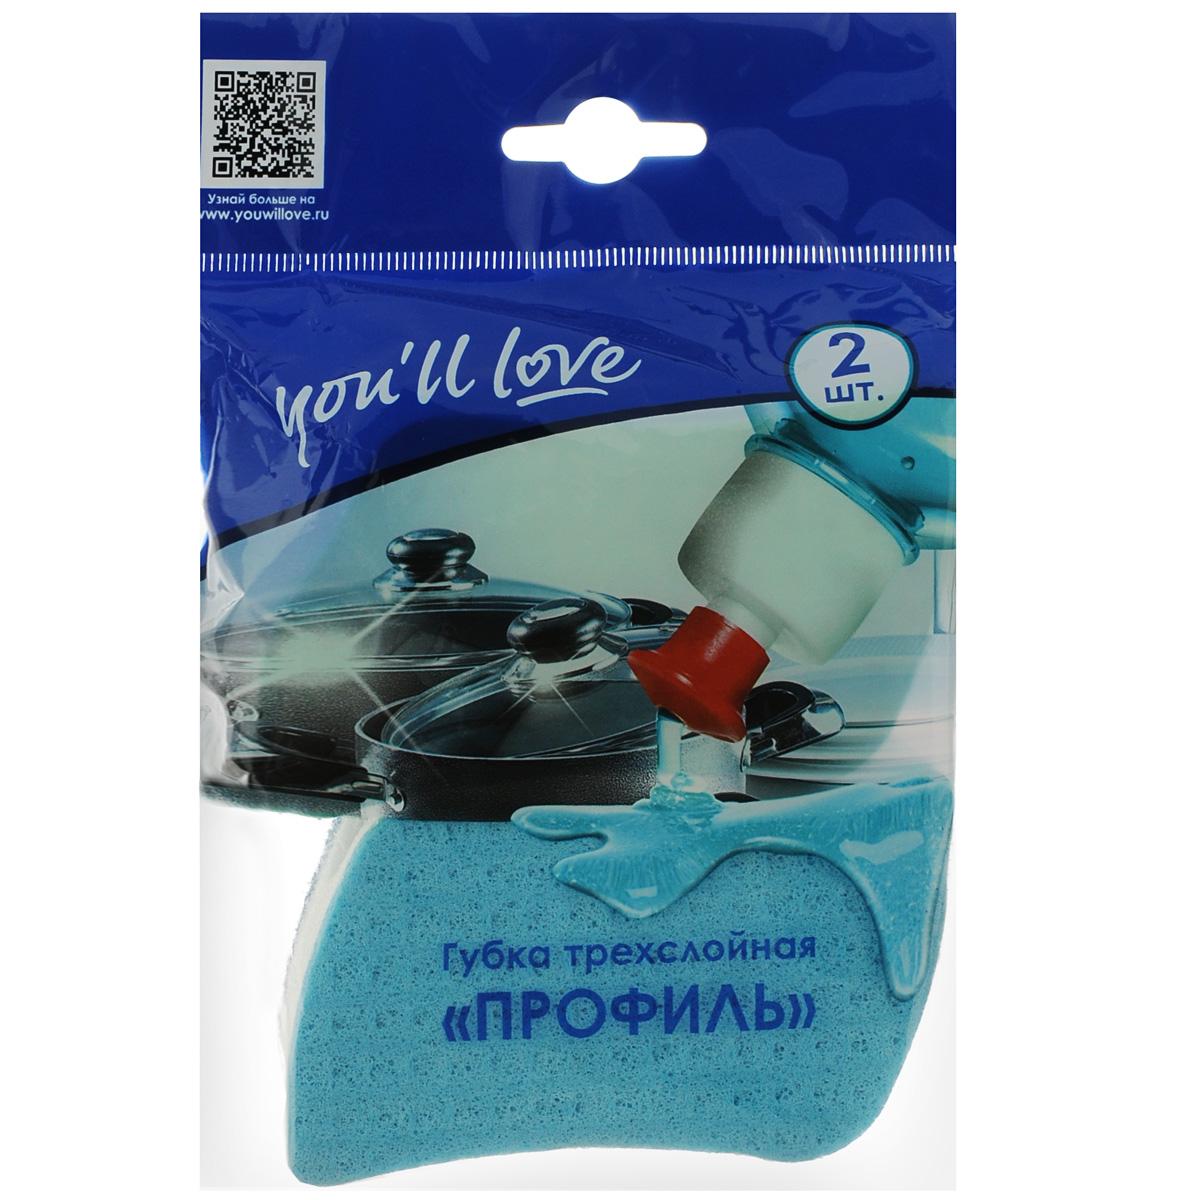 Губка для мытья посуды Youll love Профиль, трехслойная, 2 шт531-105Губка для мытья посуды Youll love Профиль имеет три слоя для эффективной очистки различных поверхностей. Идеально подходит для мытья деликатных и эмалированных поверхностей. Абразивная часть очищает, не оставляя царапин. Целлюлозная сторона хорошо впитывает влагу и протирает поверхность начисто. Благодаря углублению (профилю), губка позволяет дольше удерживать моющее средство внутри и расходовать его минимальное количество.Размер губки: 10 см х 6 см х 4 см. Комплектация: 2 шт.